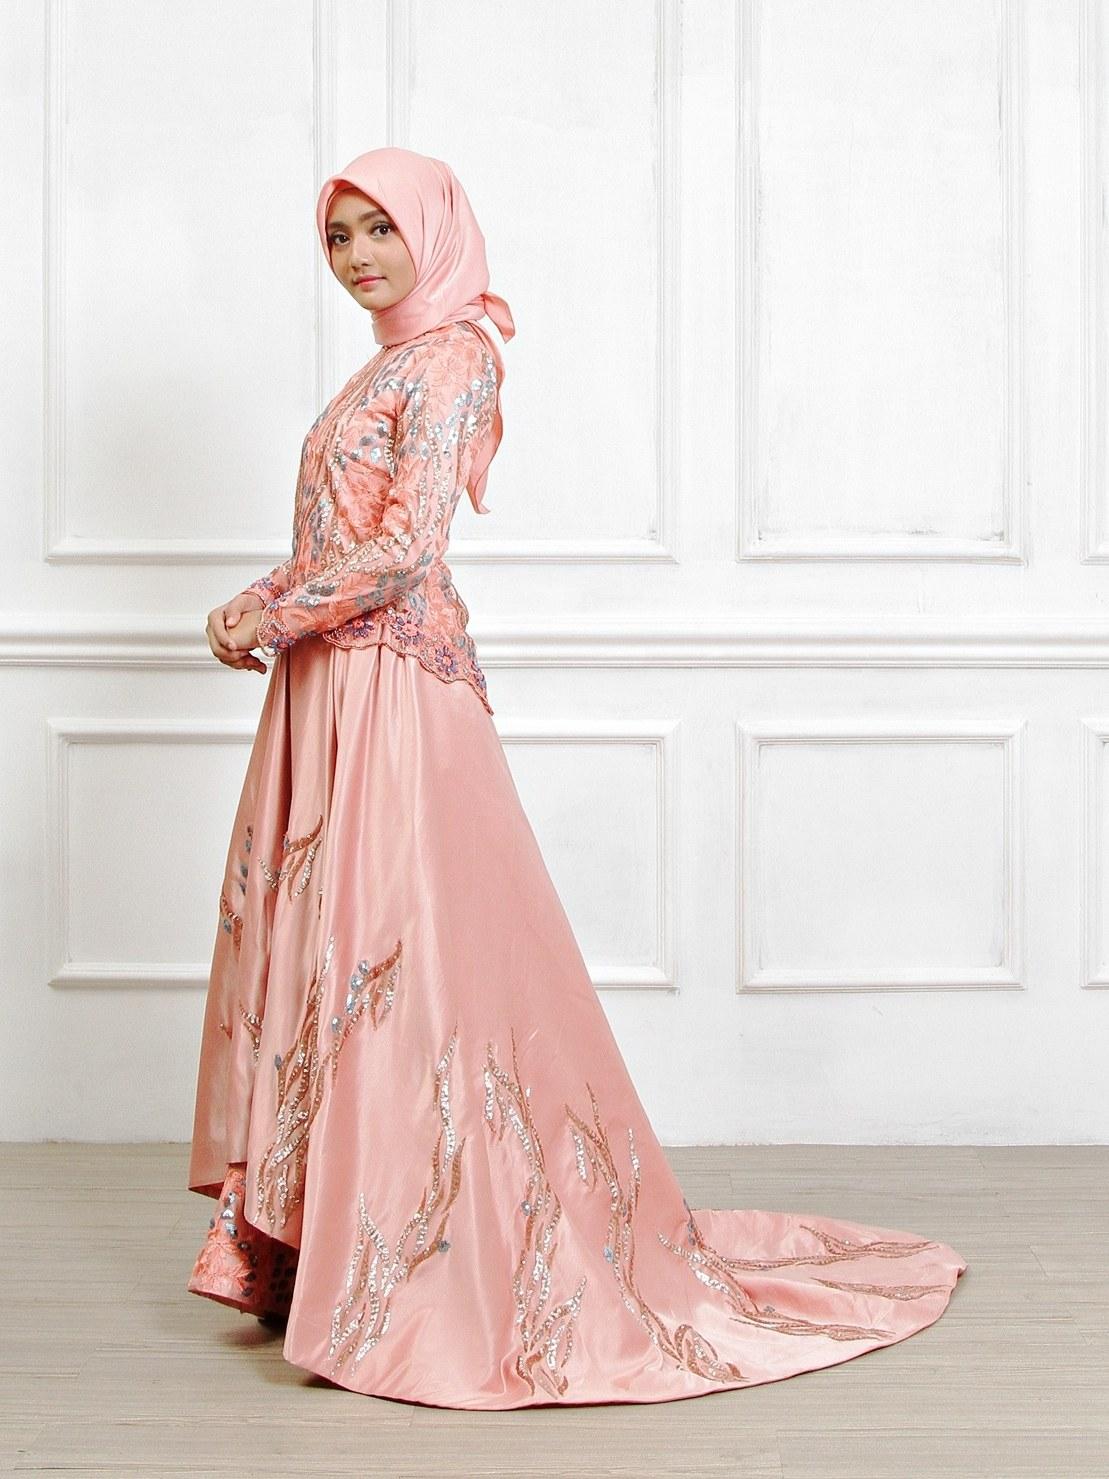 Inspirasi Sewa Baju Pengantin Muslimah Jakarta 3id6 Gaun Pengantin Muslimah Dress Muslim Pungky Rumah Jahit